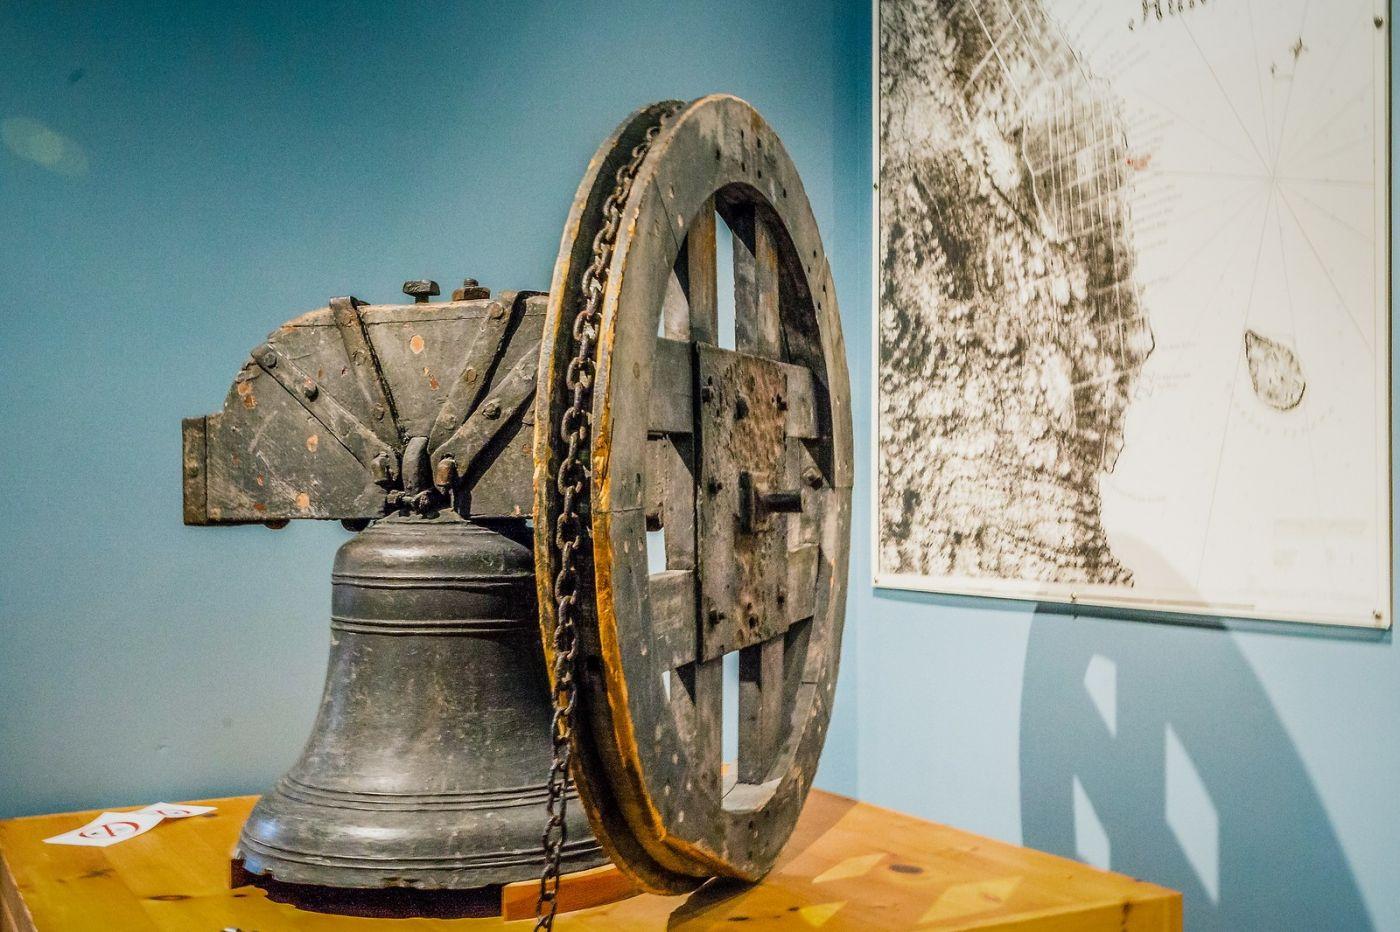 加拿大哈利法克斯(Halifax)大西洋海事博物馆_图1-23